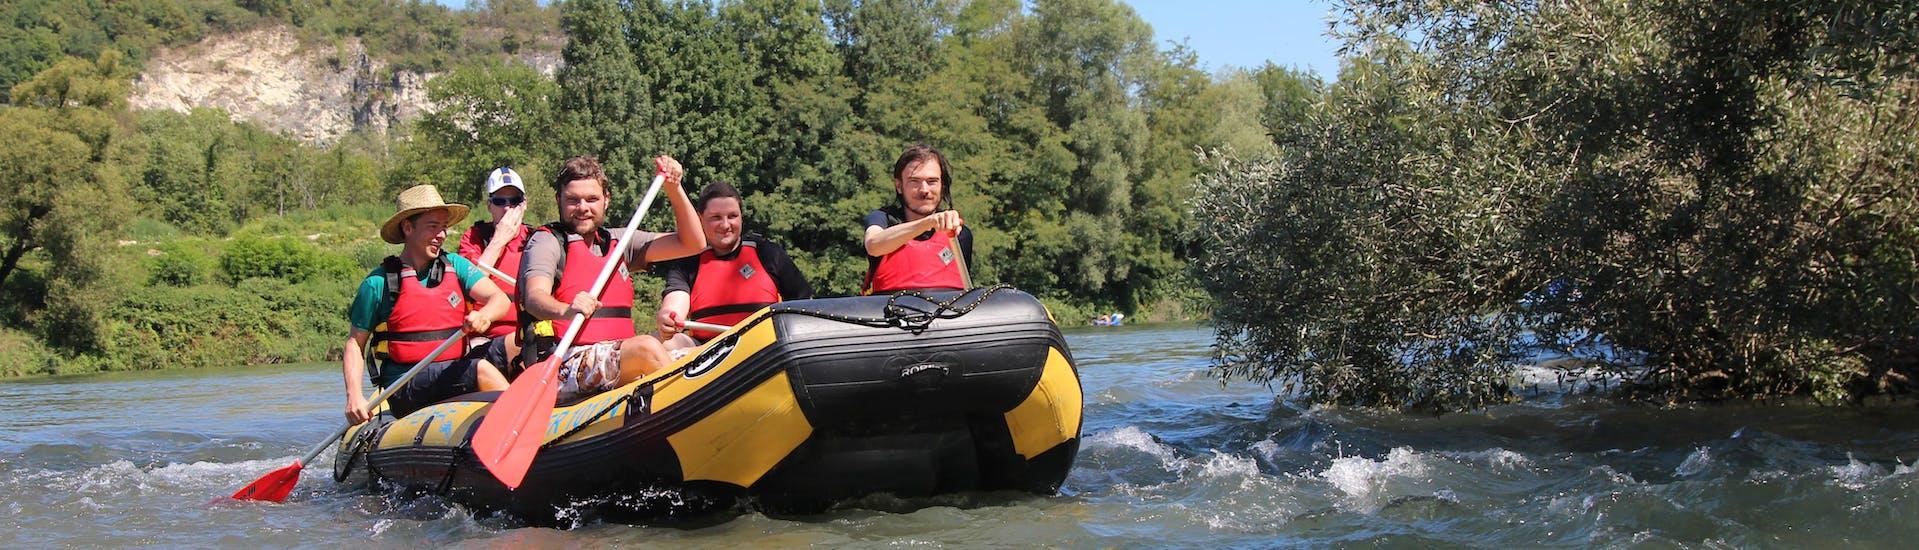 Soft Rafting auf dem Rhein - Fließender Rhein